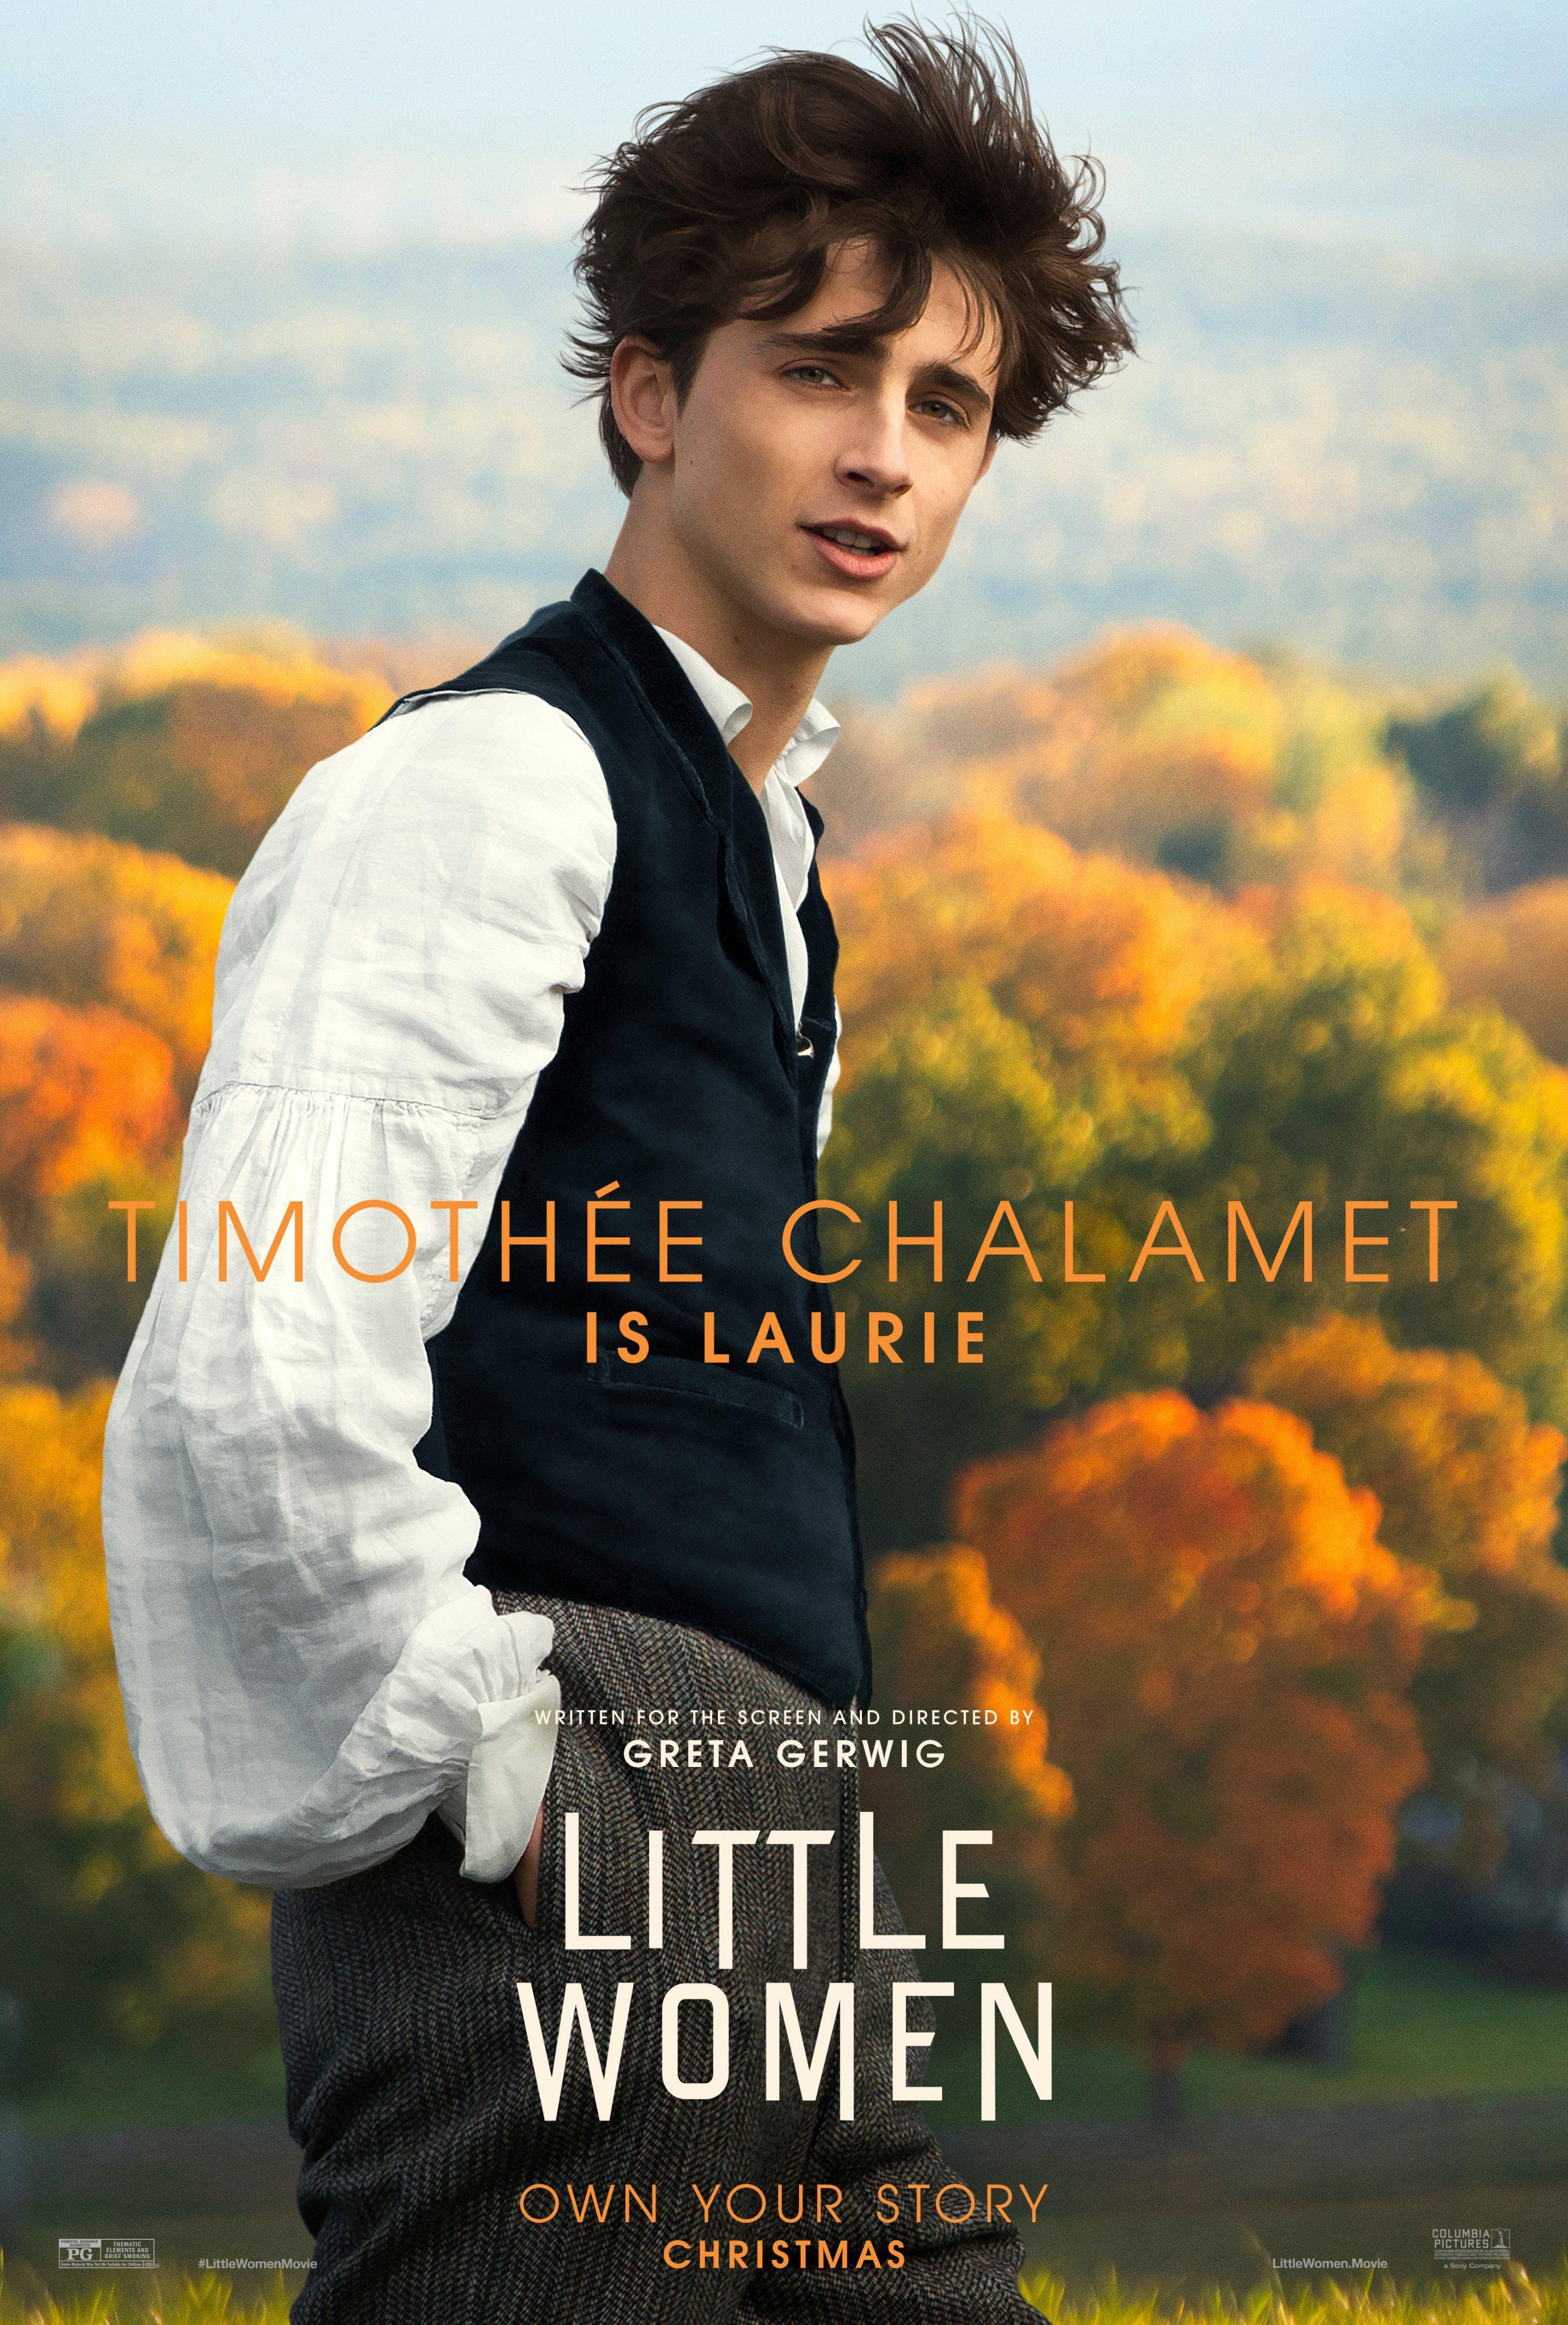 Little Women On Women Poster Woman Movie Timothee Chalamet